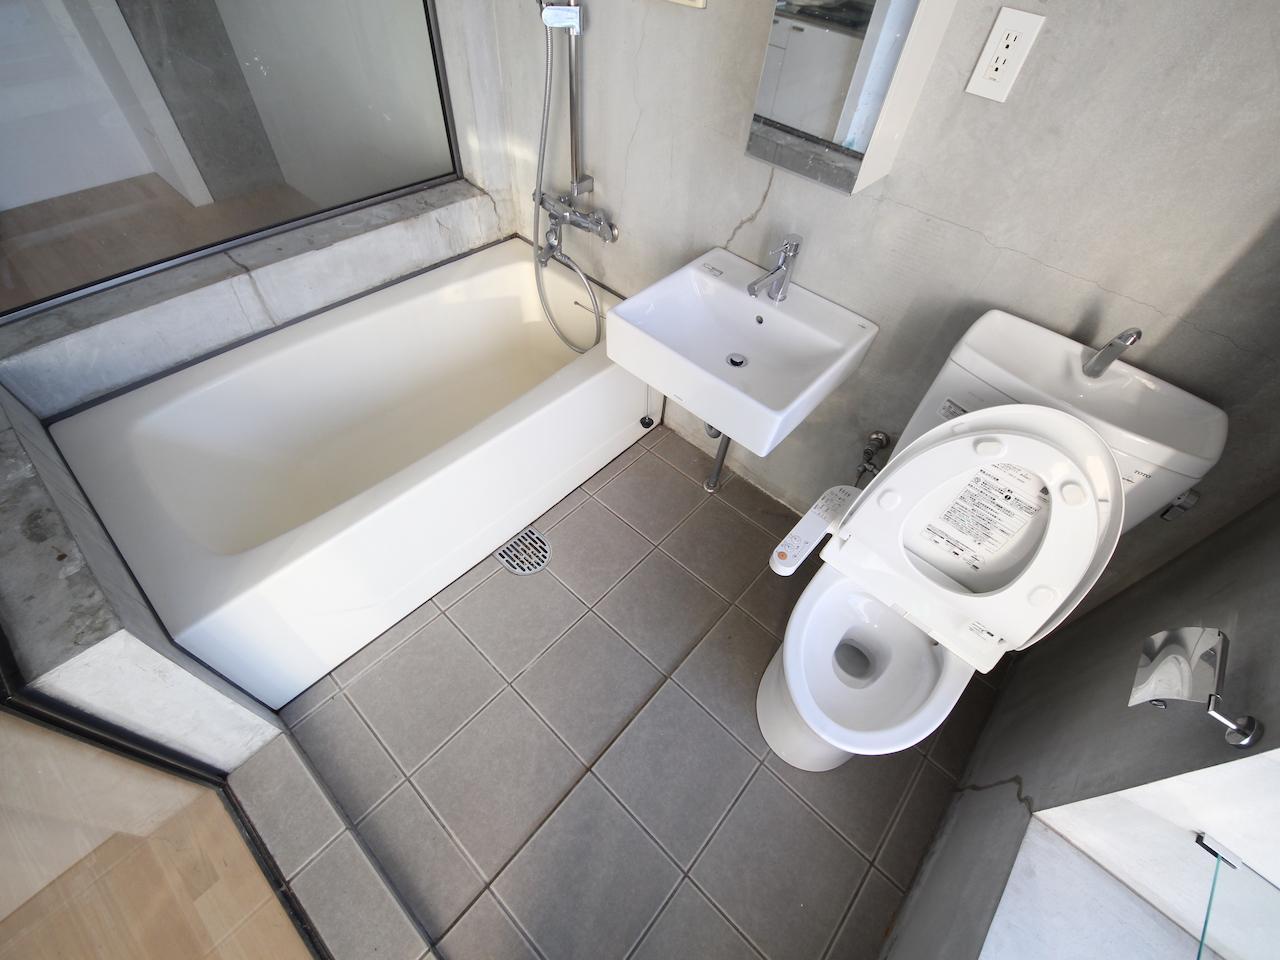 浴槽は一人暮らしにしては広め